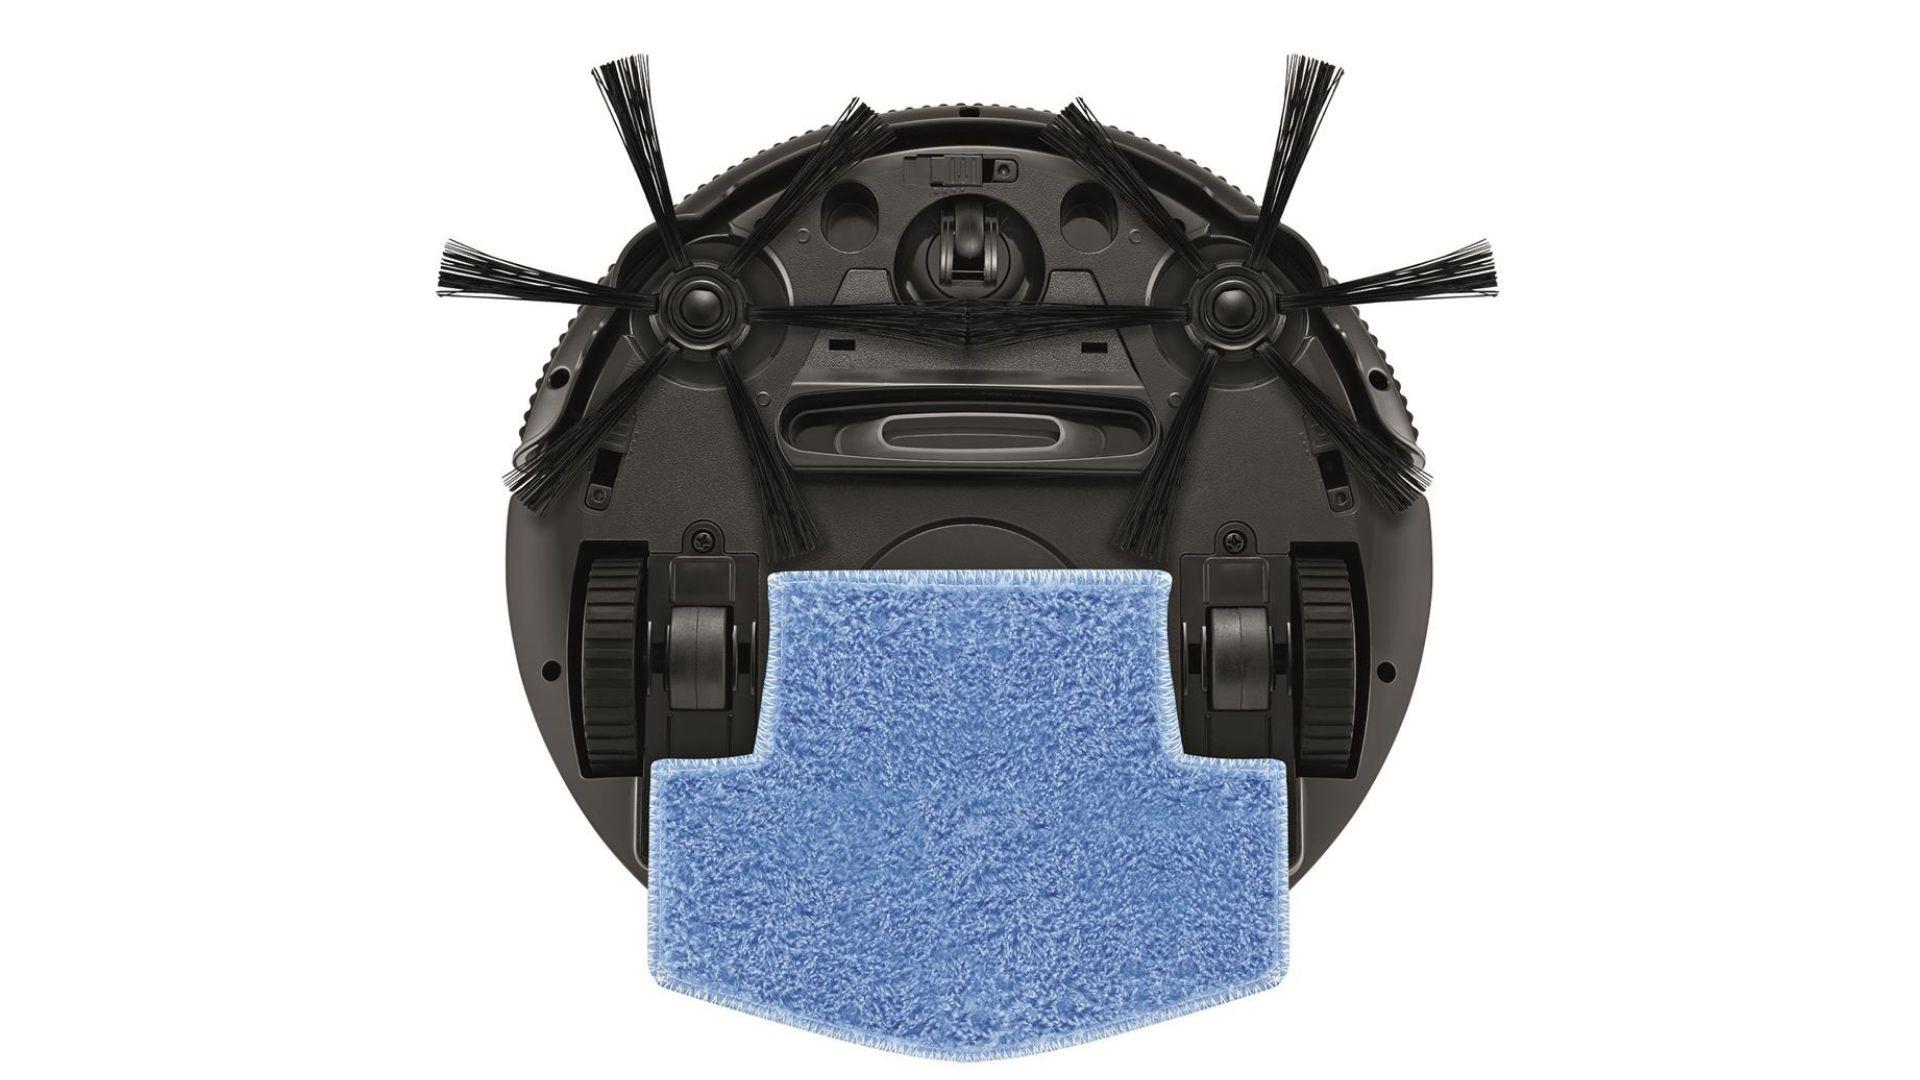 Aspirador Mondial vem com flanela, para auxiliar na limepza da casa. (Imagem: Divulgação/Mondial)